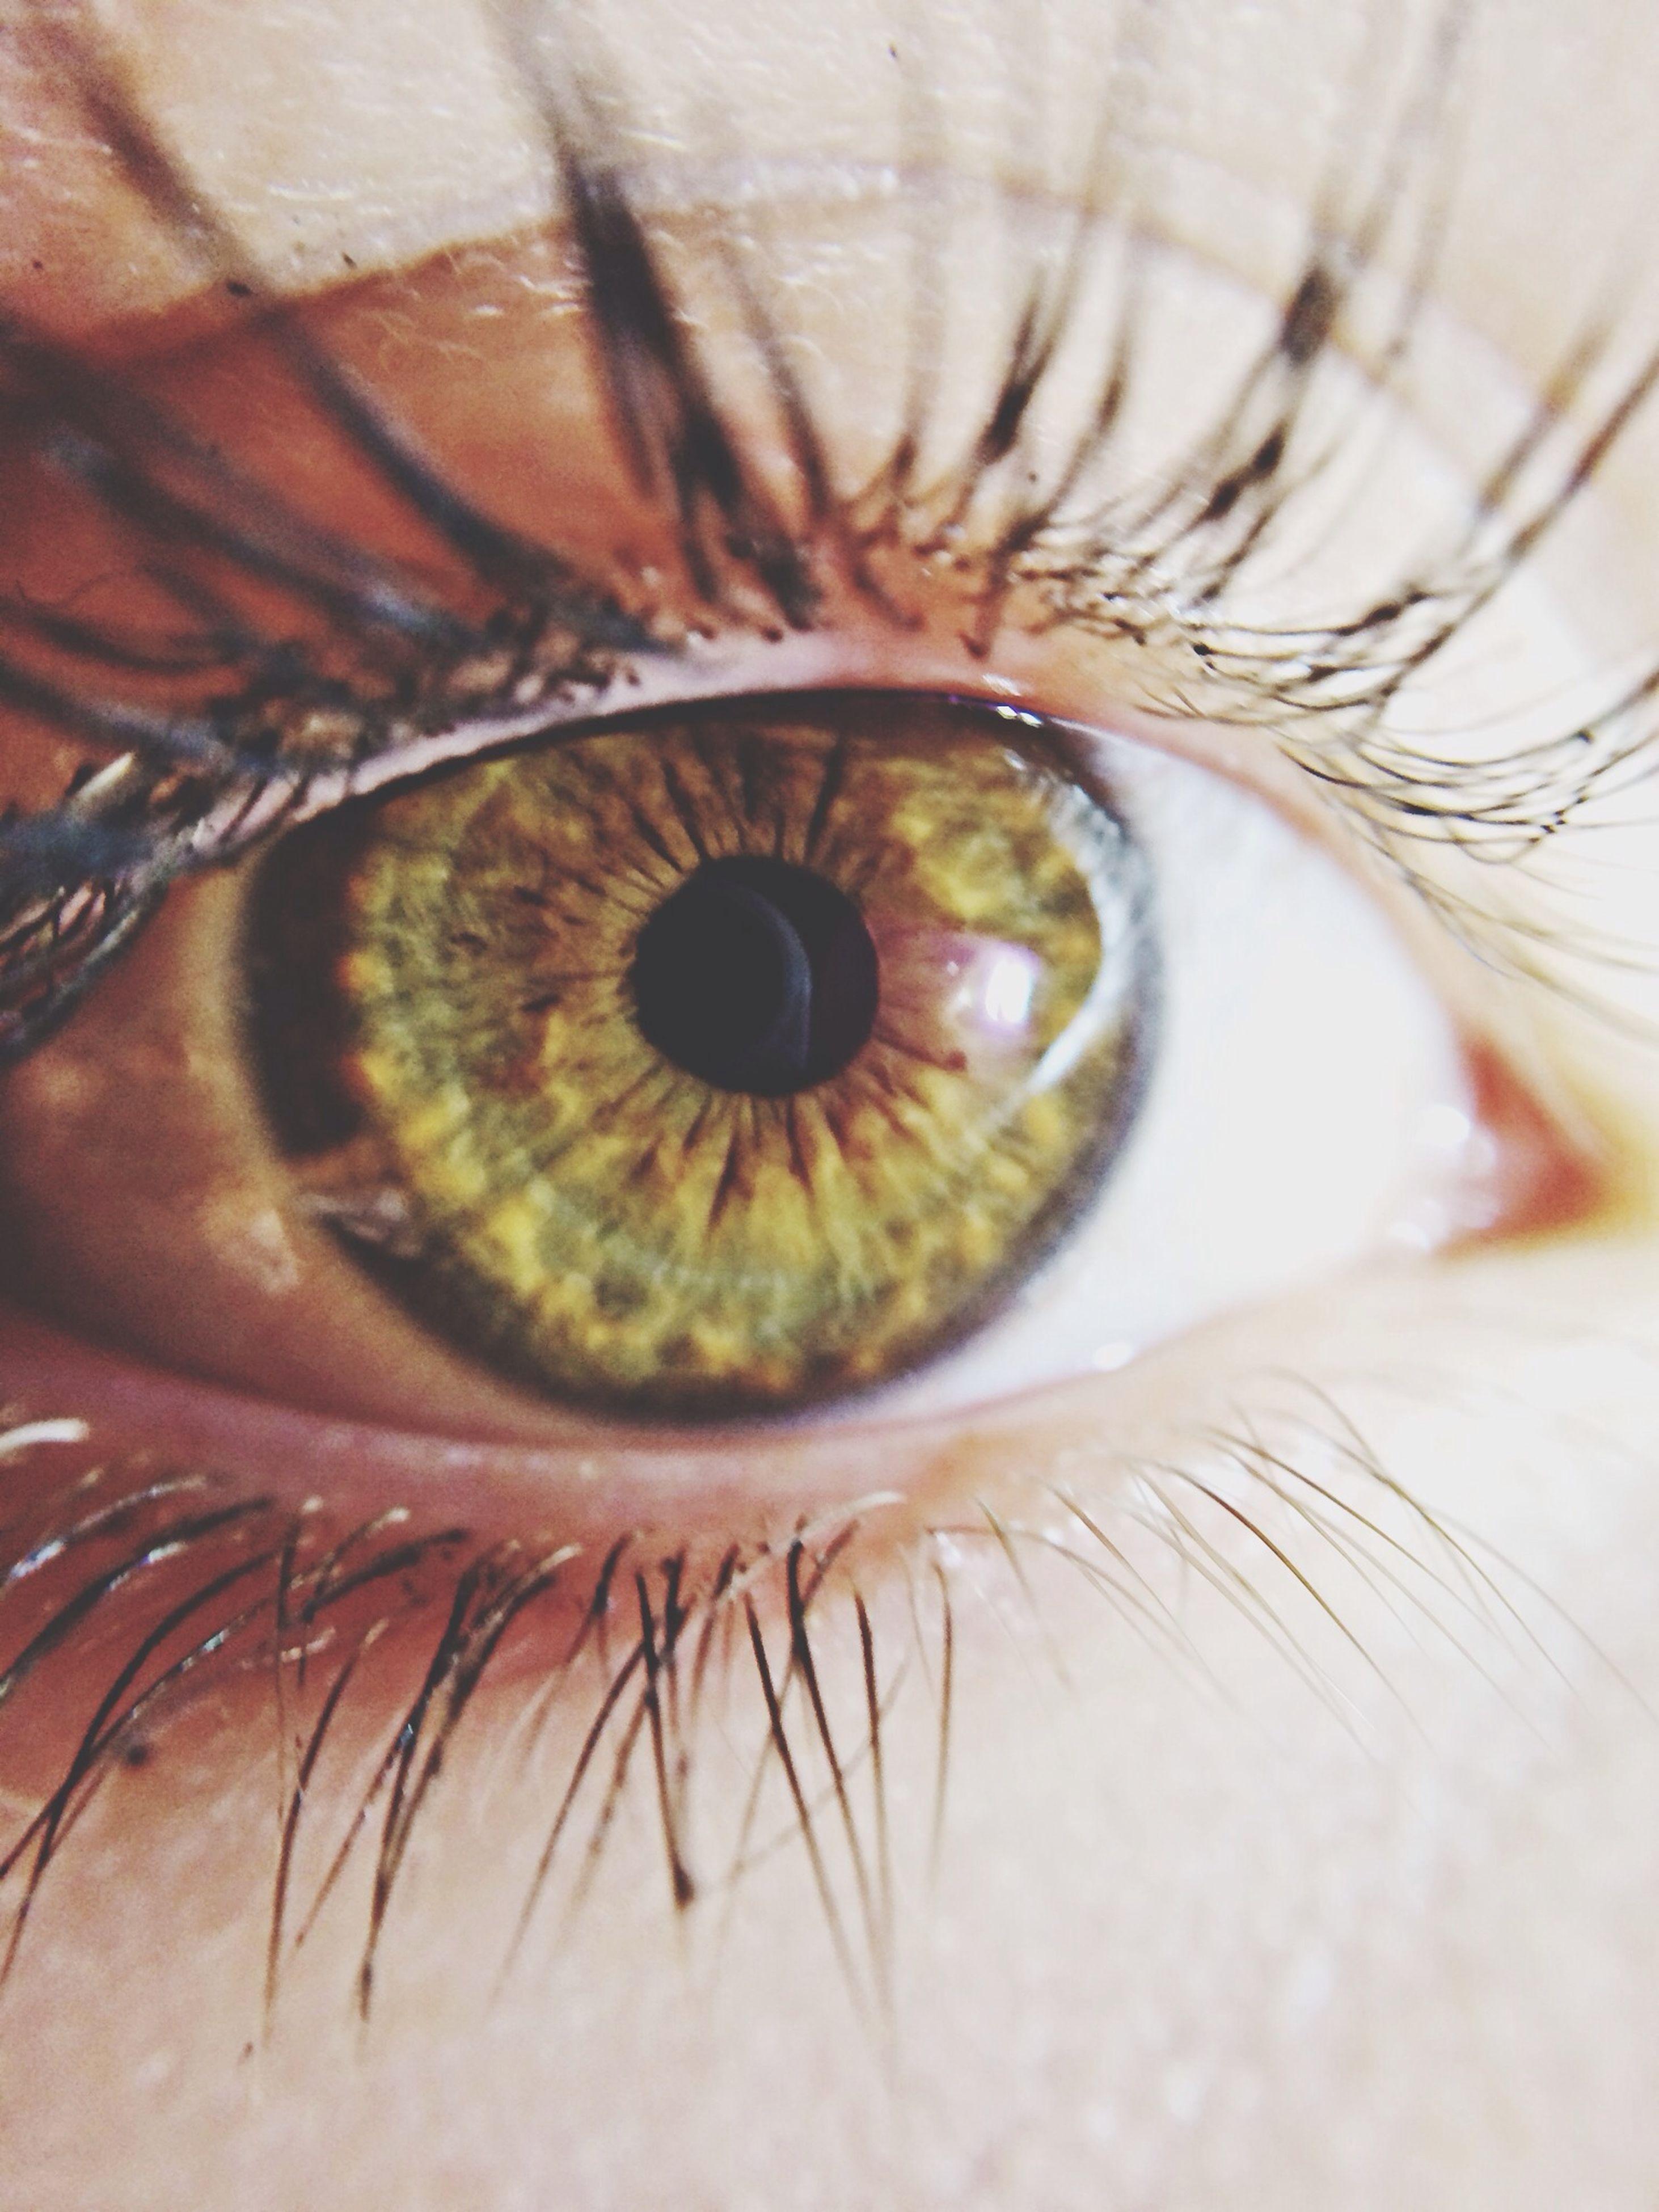 eyelash, extreme close-up, human eye, full frame, close-up, eyesight, extreme close up, backgrounds, sensory perception, part of, iris - eye, eyeball, macro, detail, indoors, human skin, selective focus